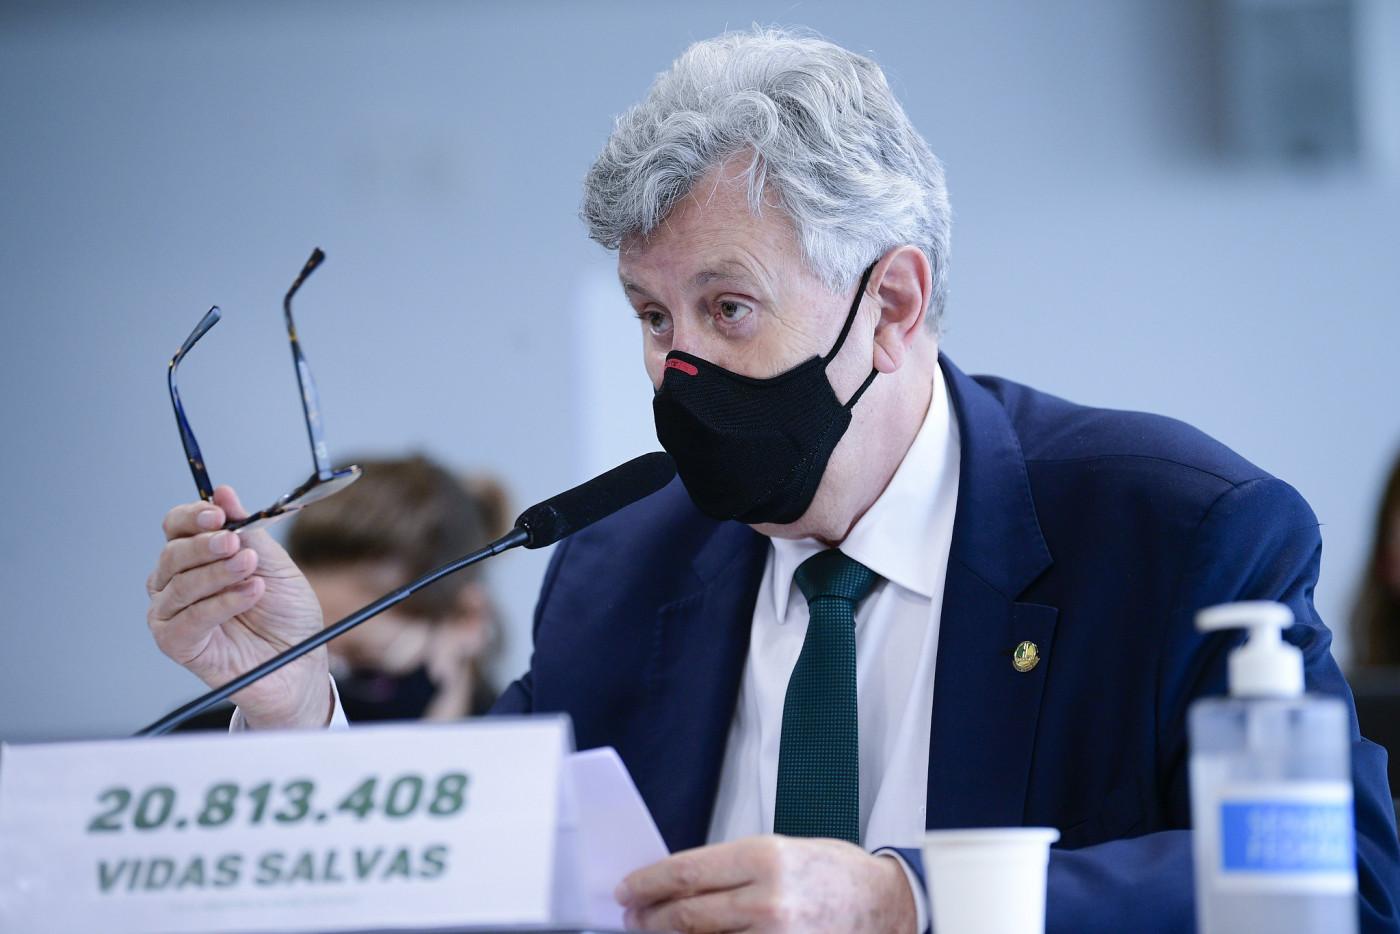 O senador Luis Carlos Heinze com óculos na mão discursando na CPI da Covid-19